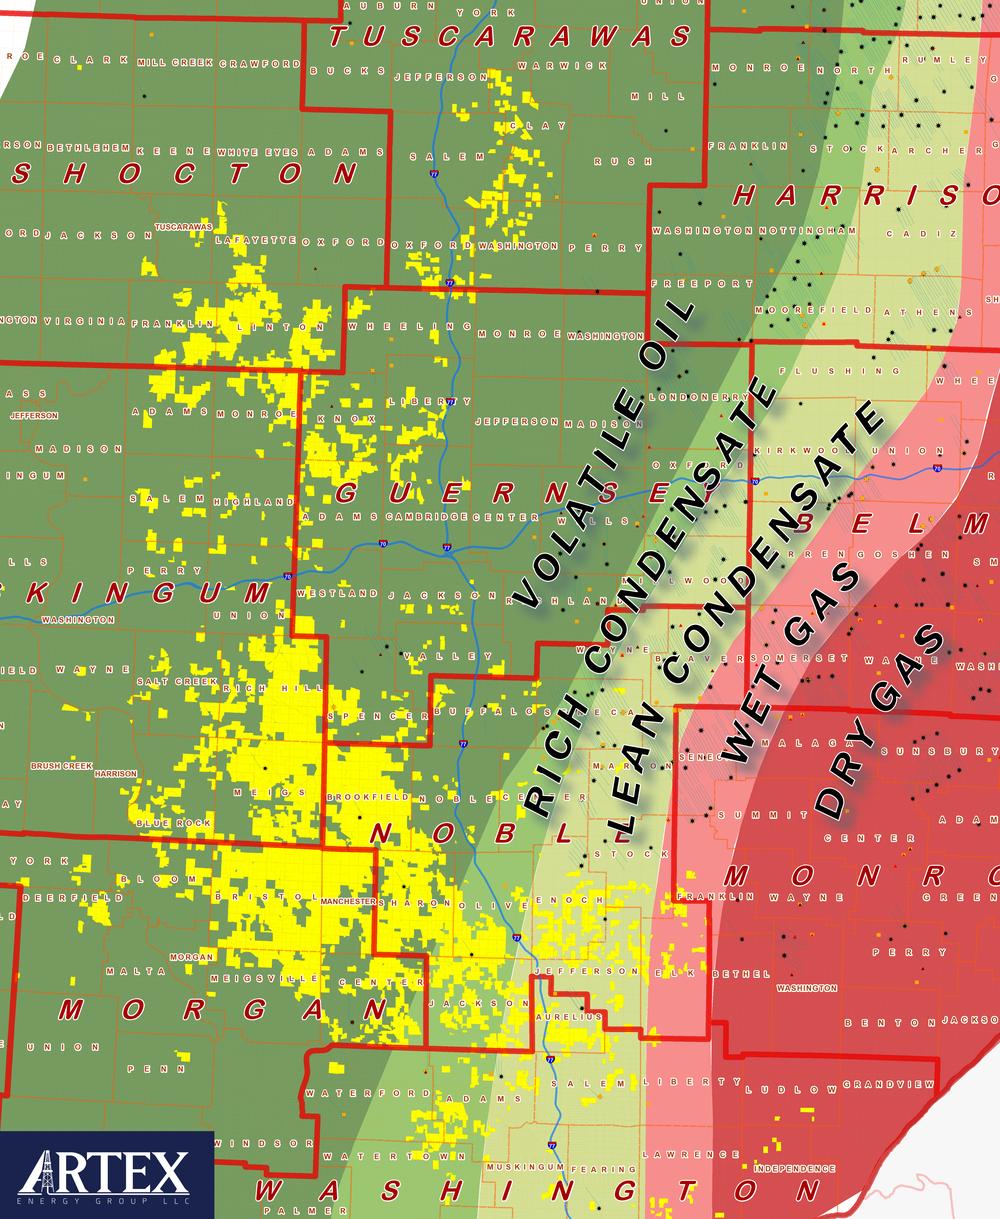 Artex Energy Group Land Position